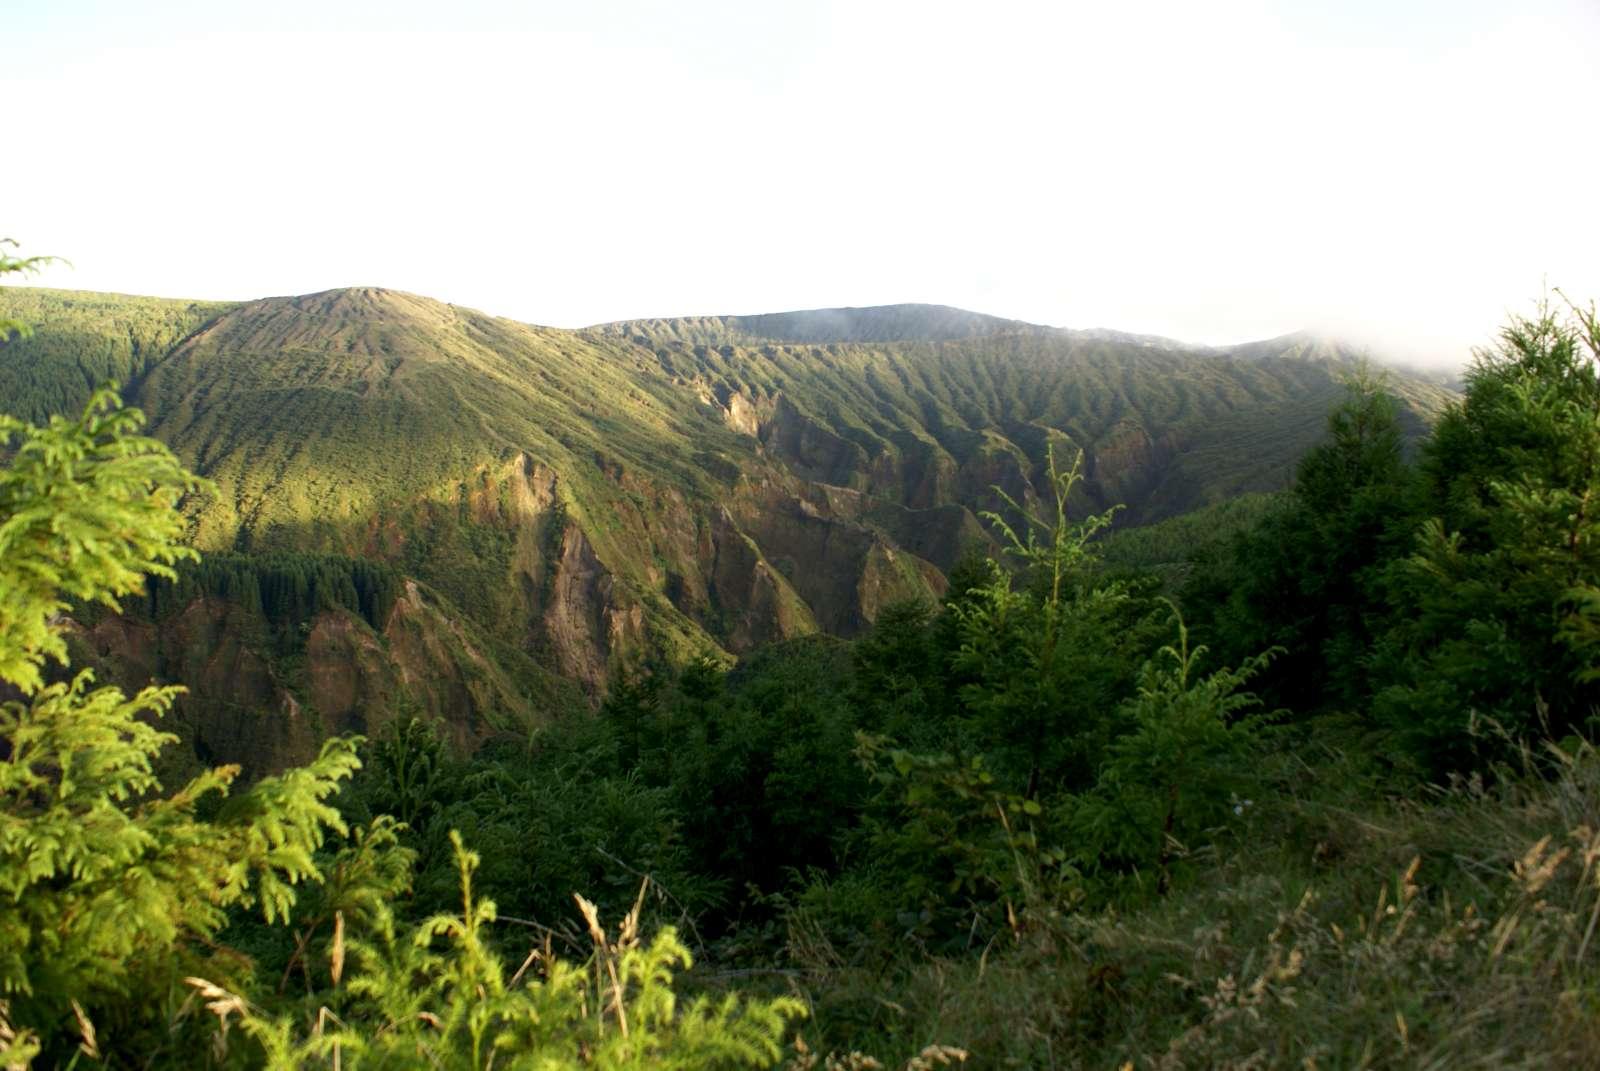 Randonnée Monte Escudo sur l'île de São Miguel avec vues panoramiques